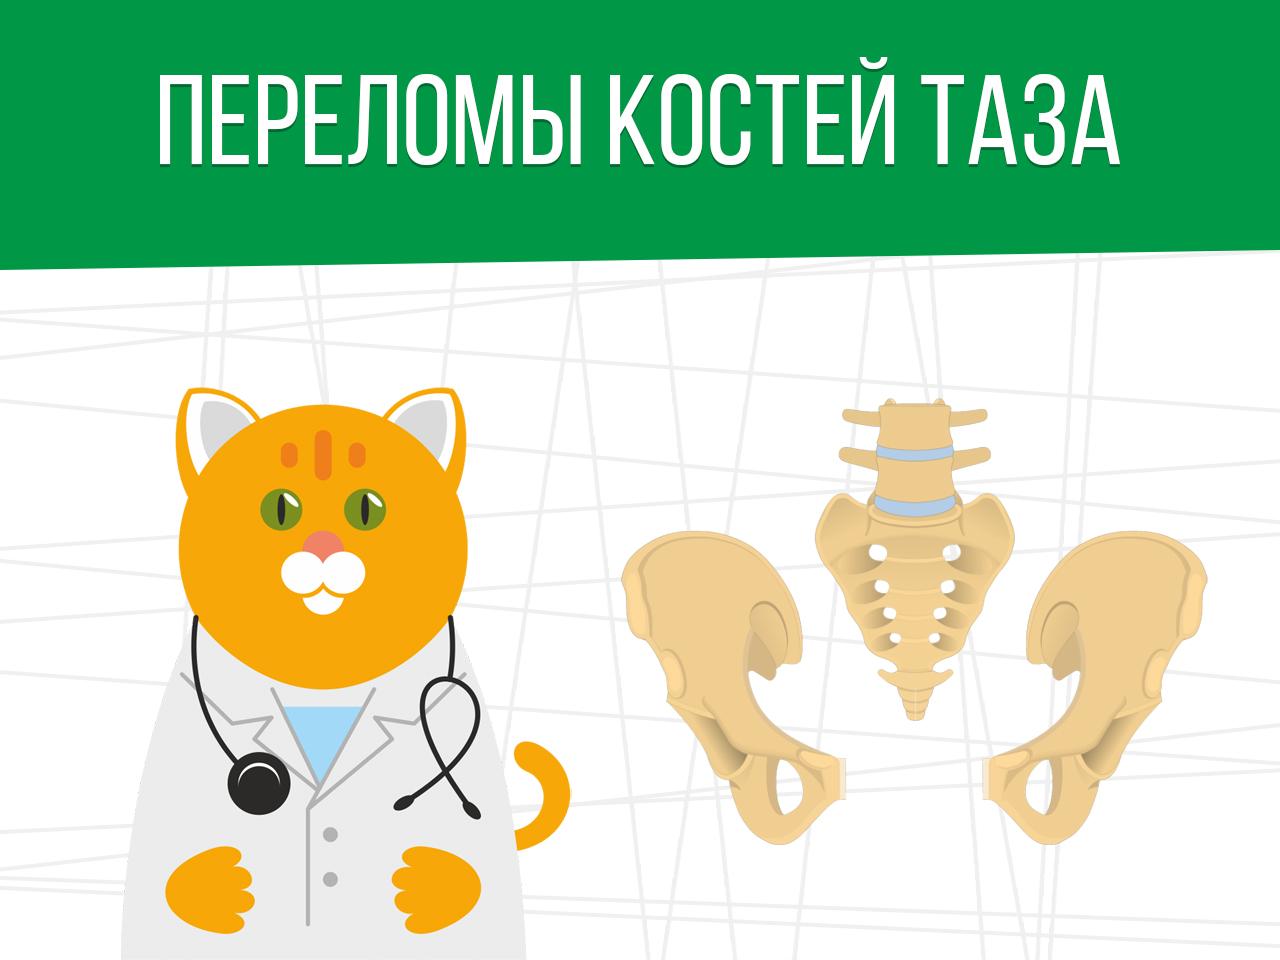 Переломы костей таза: какая категория годности?